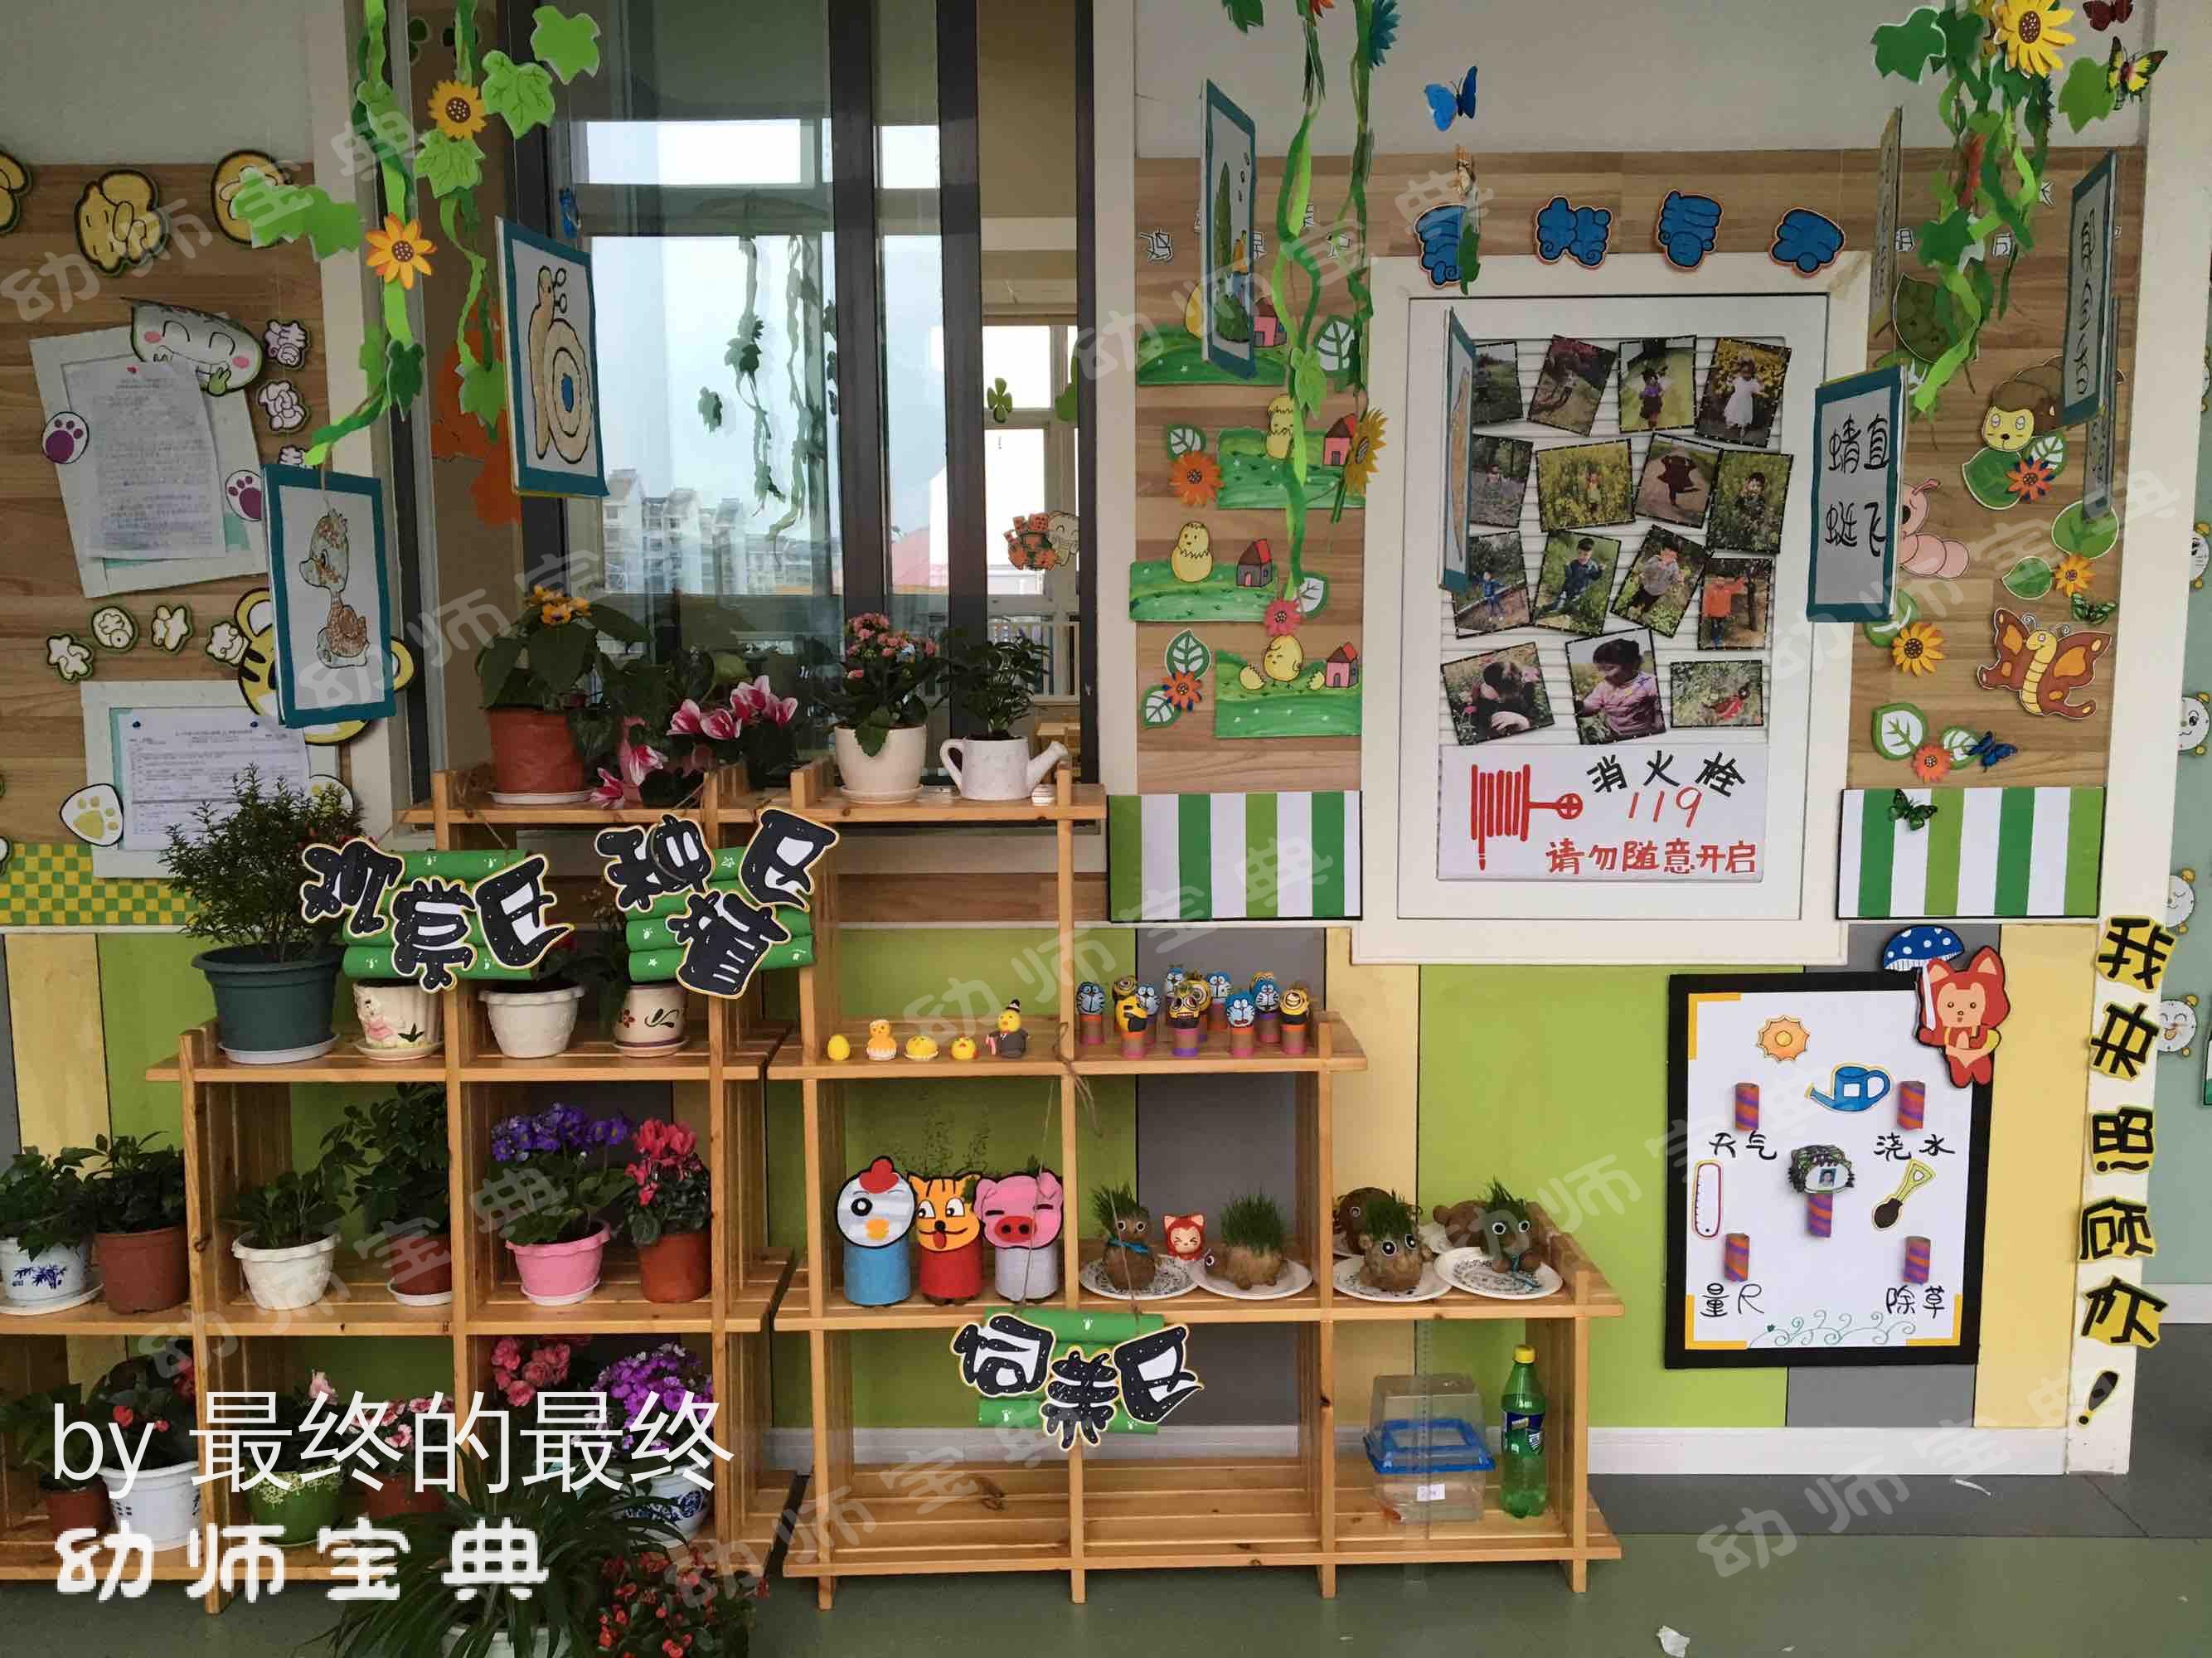 自然角   一起去幼儿园的植物角寻找春天吧!